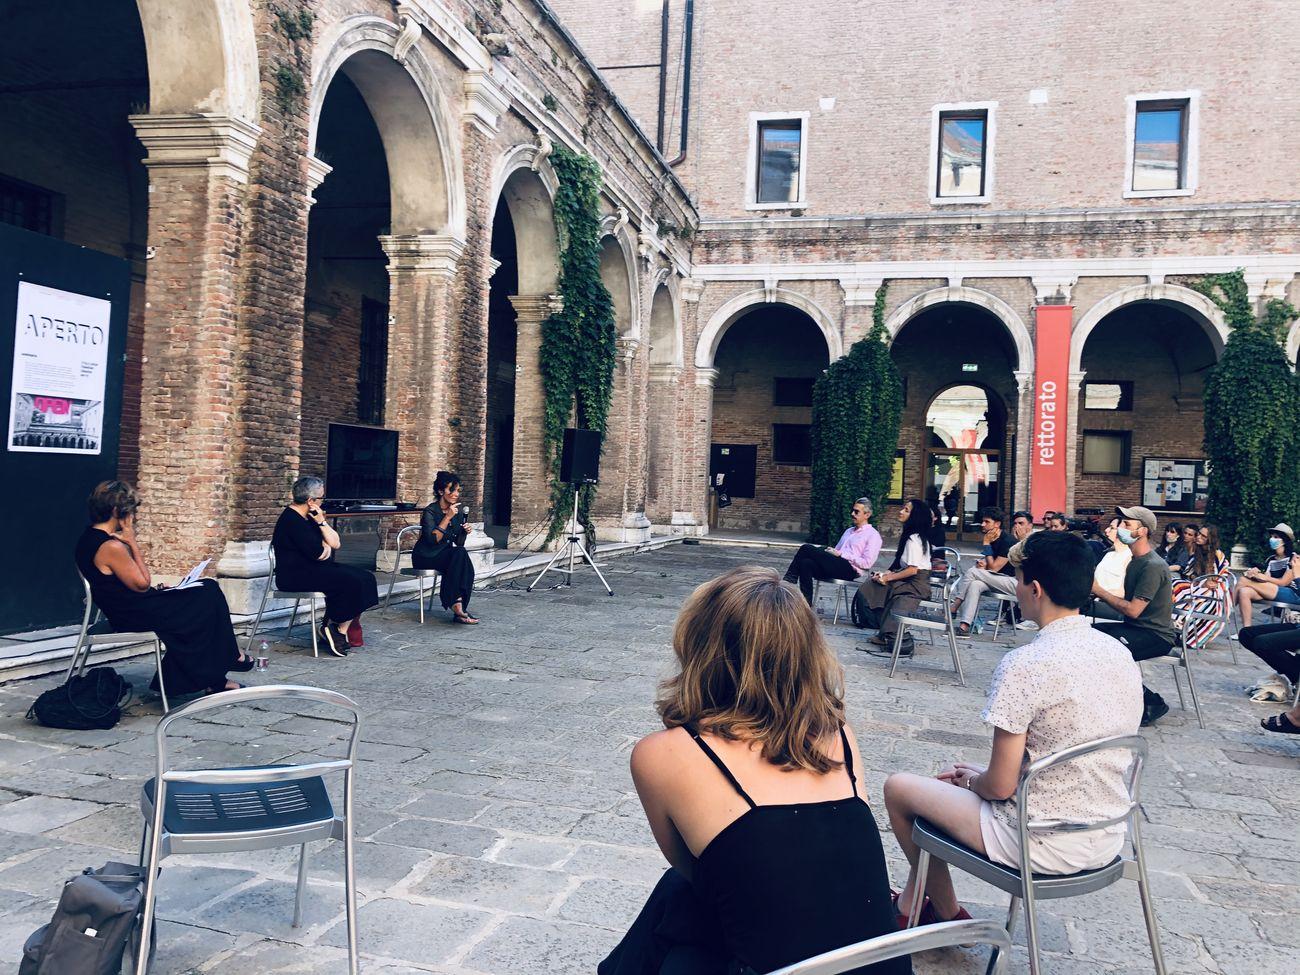 Seminario APERTO. Chiostro dei Tolentini, Venezia, luglio 2020. Credit Laboratorio fotografico IUAV